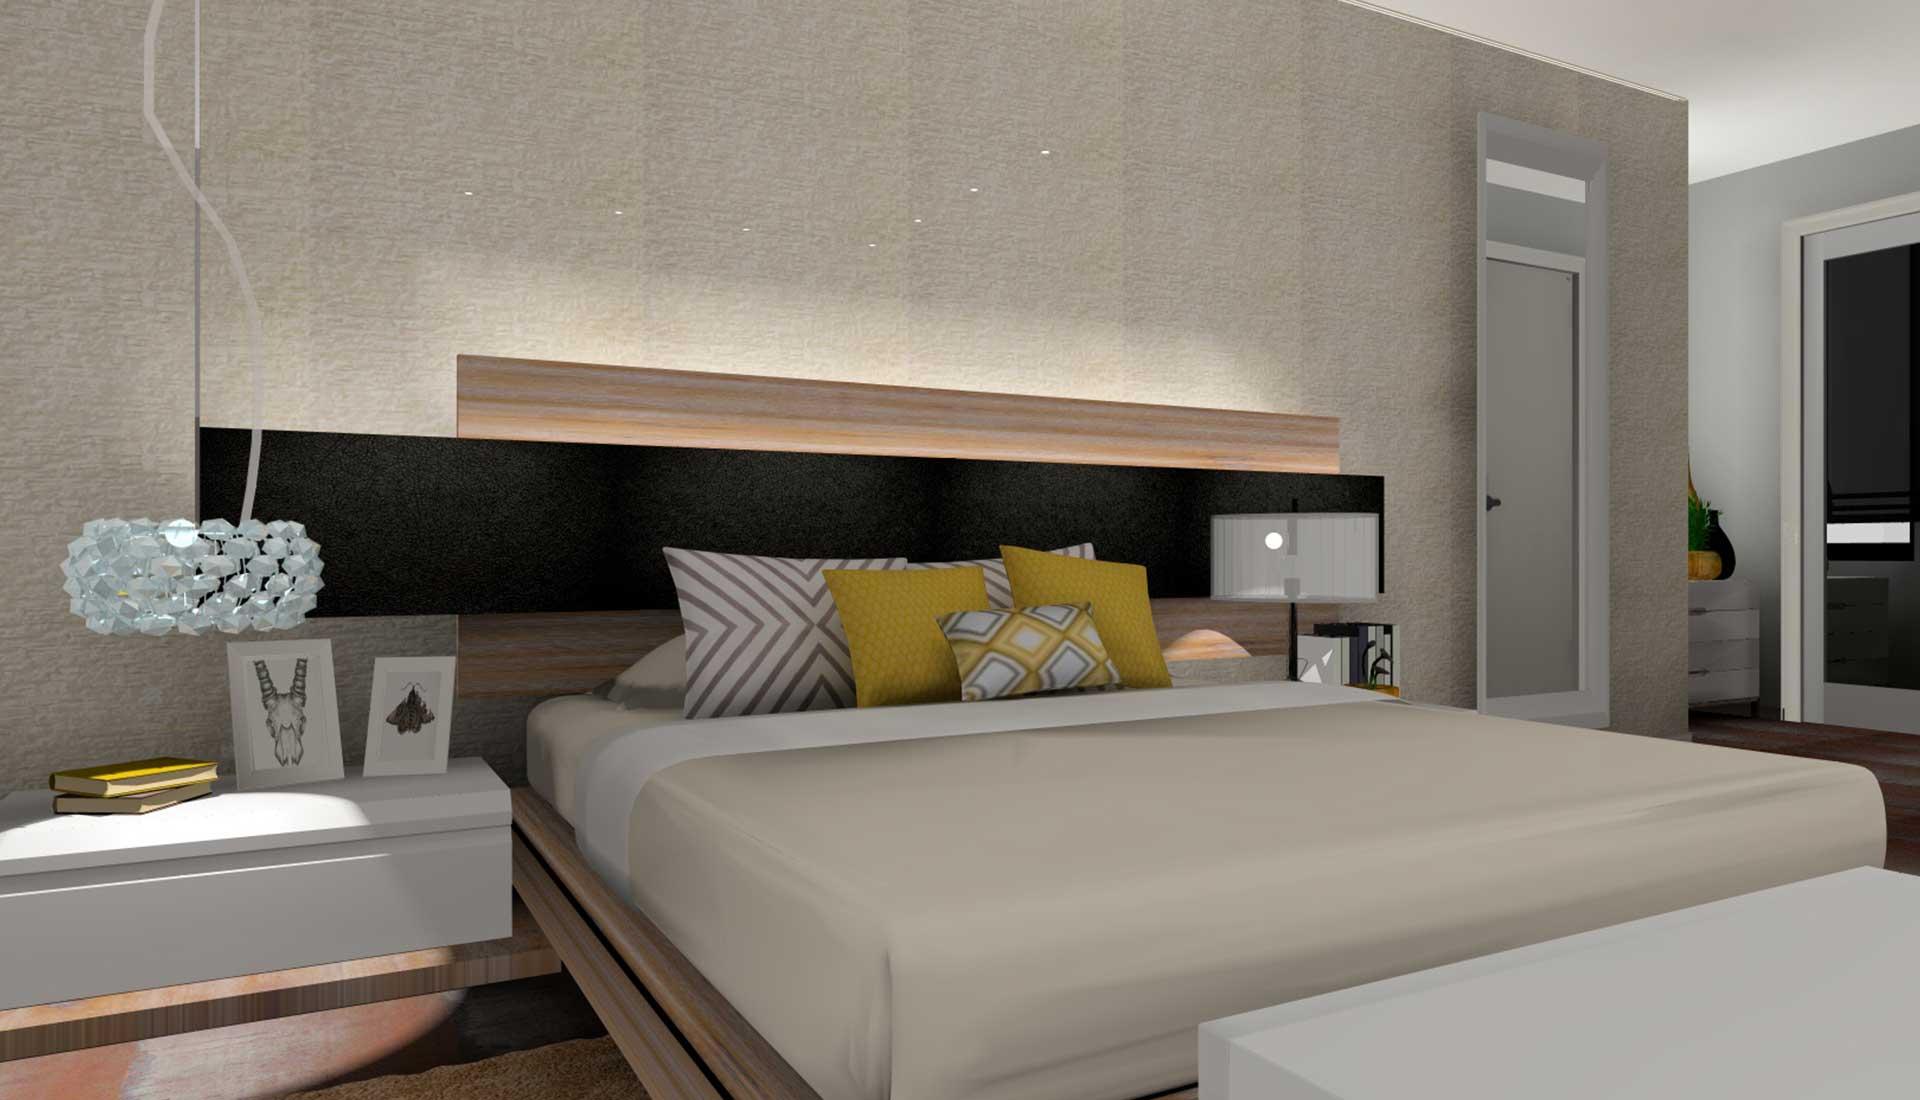 decoracion de interiores las rozas dormitorio